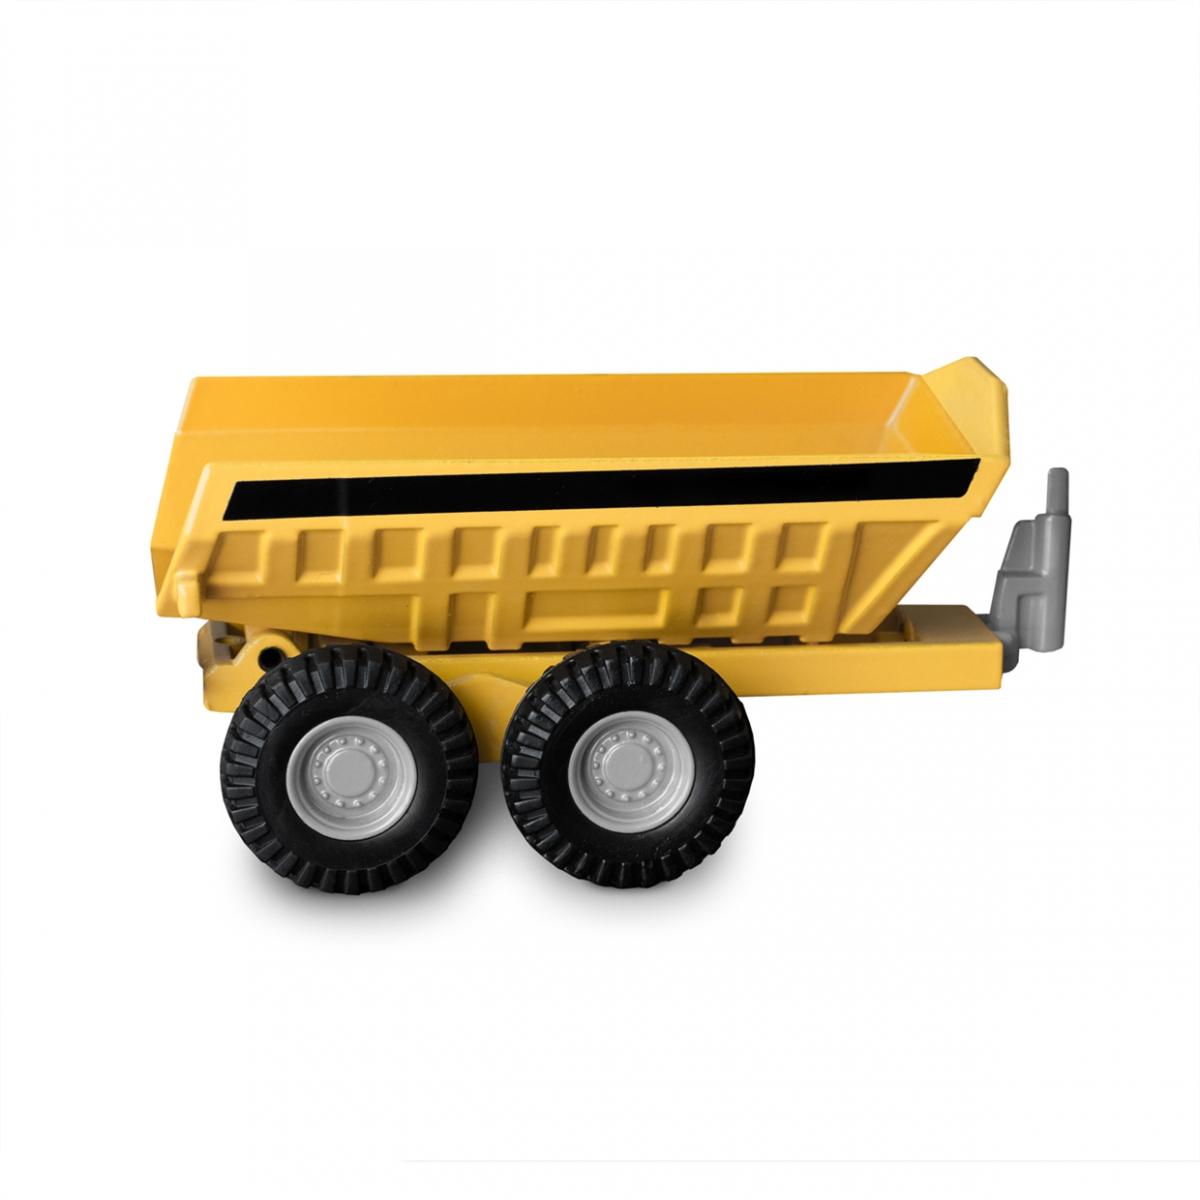 Imagen en la que se ve un remolque de tractor